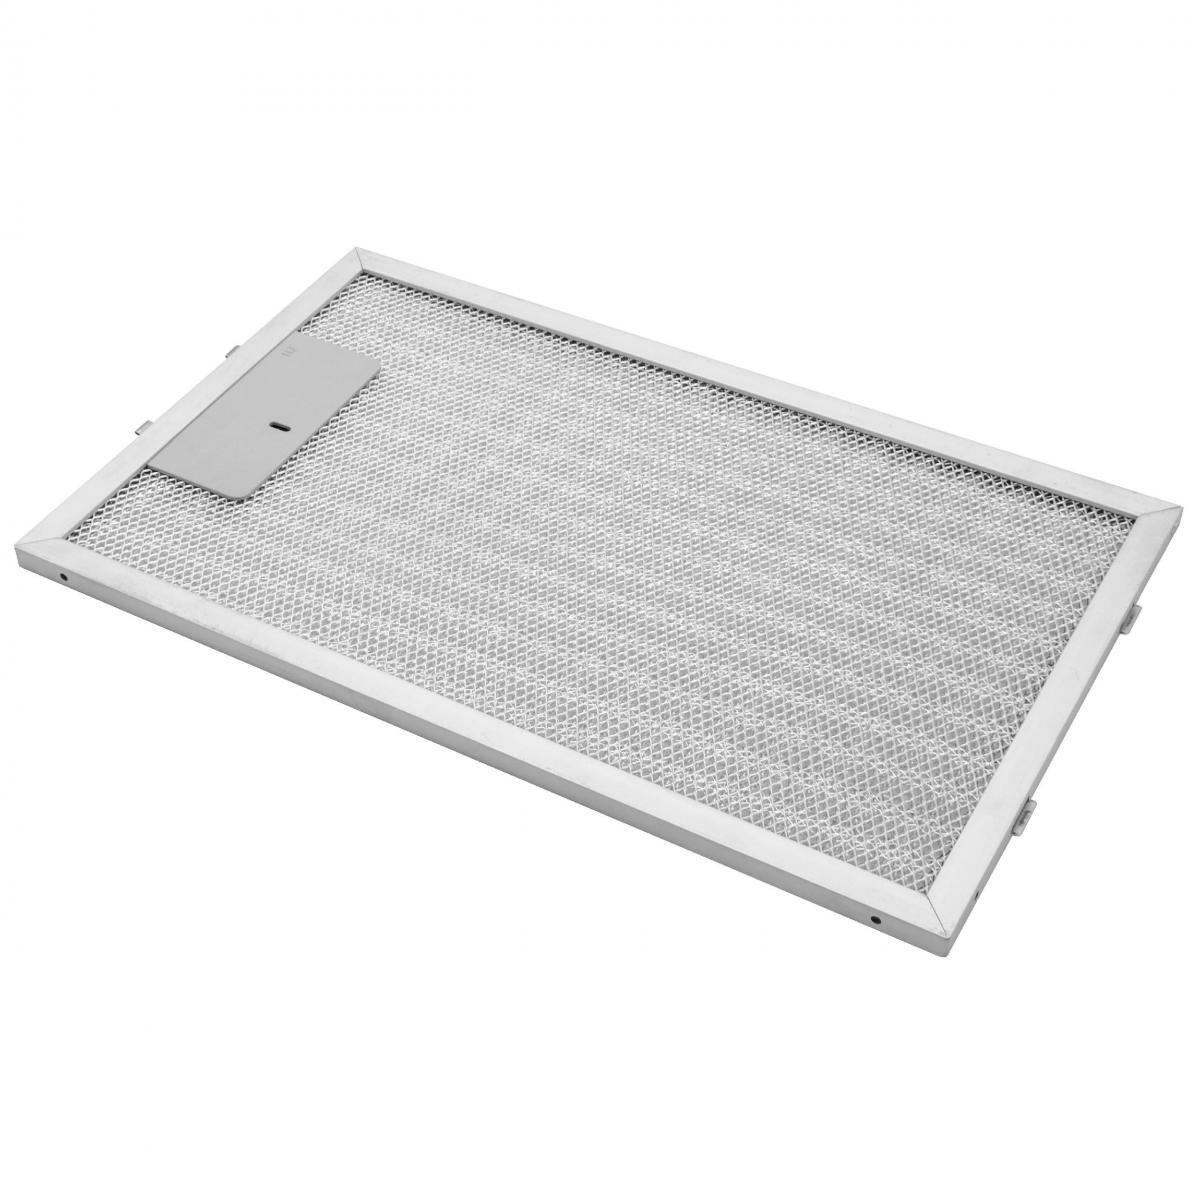 Vhbw vhbw Filtrepermanent filtre à graisse métallique 32,5 x 19,6 x 0,85 cm convient pour AEG X69453MD0 hottes de cuisinière